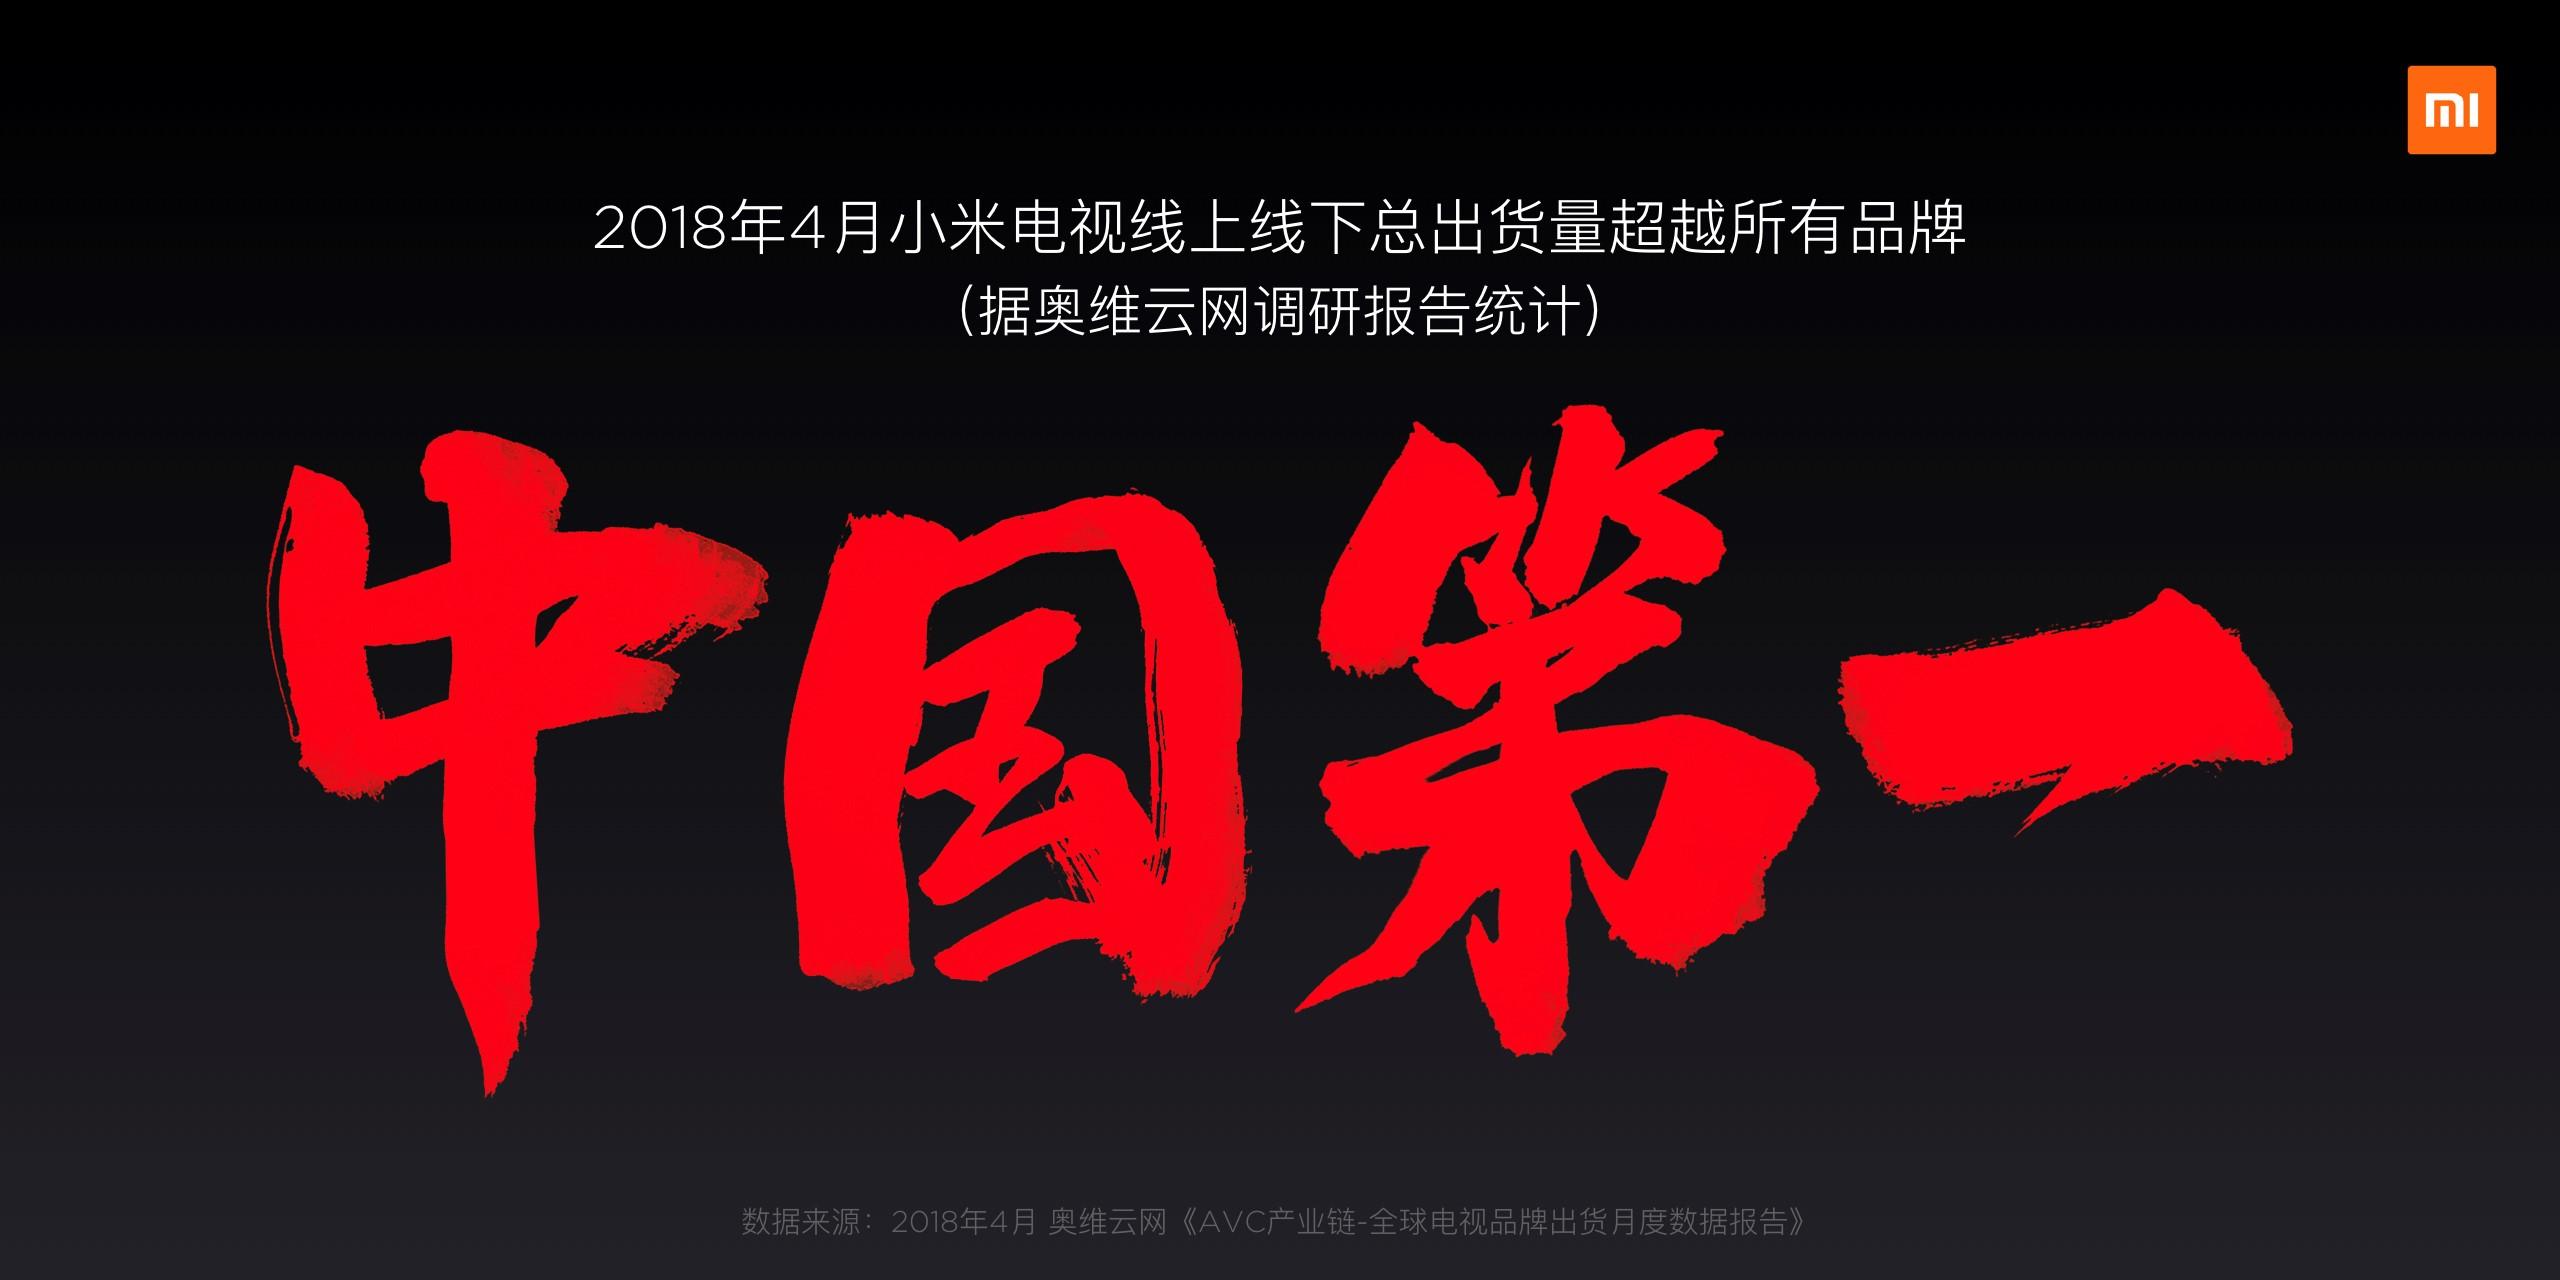 小米电视荣登中国第一?论商业模式的重要性